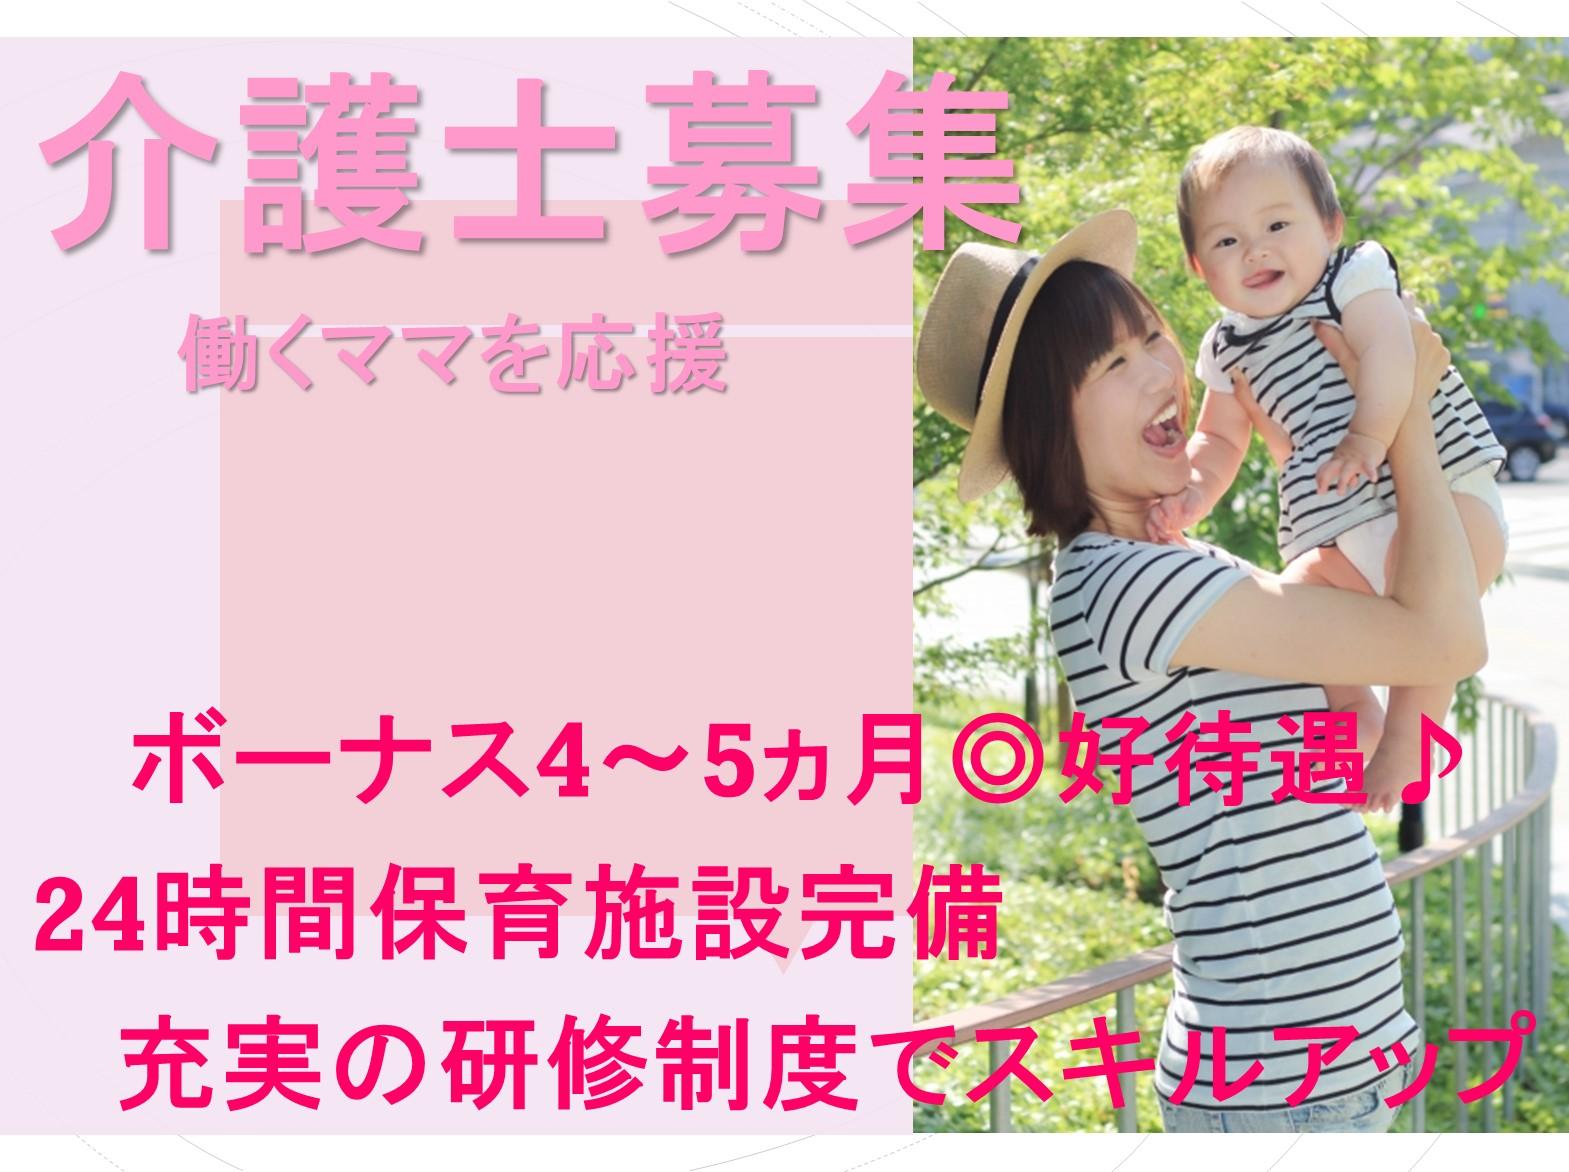 賞与4~5ヵ月♪24時間保育施設完備★働くママを応援!介護職員募集 イメージ